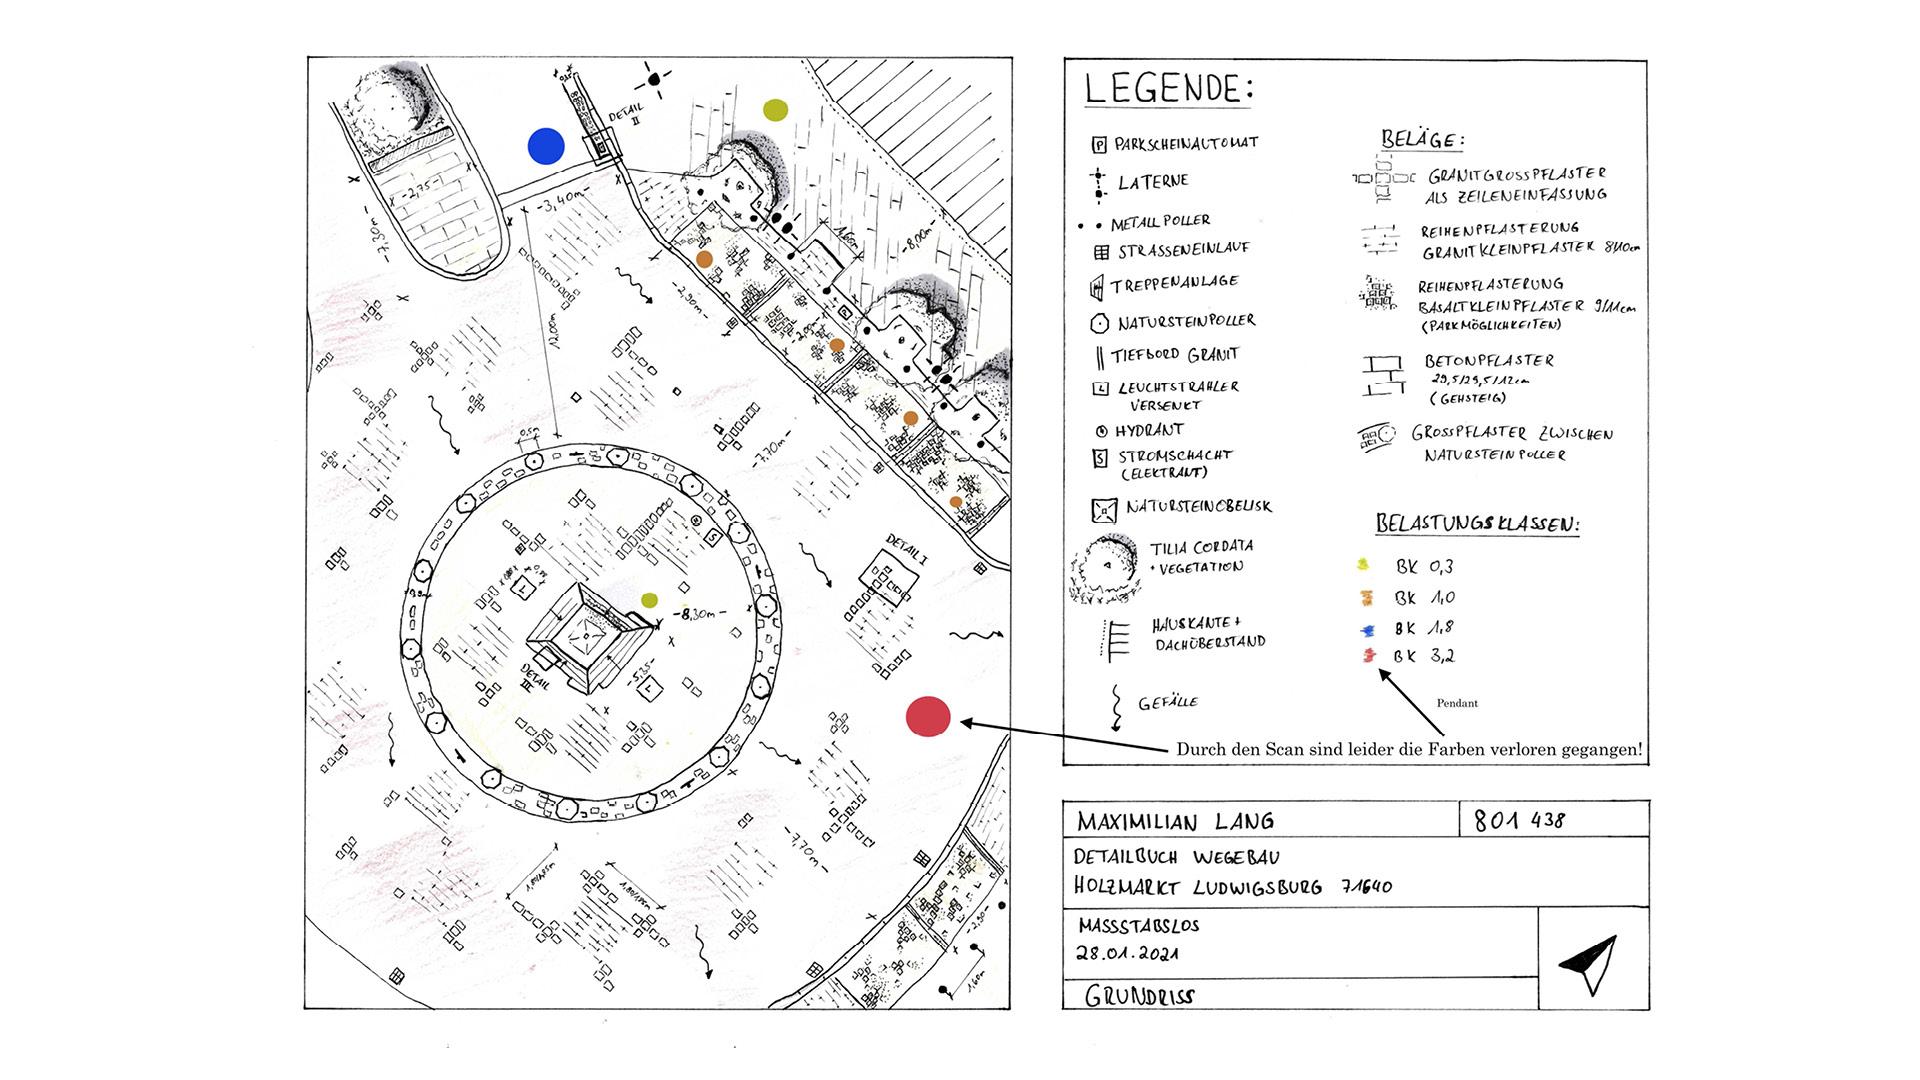 Detailbuch10